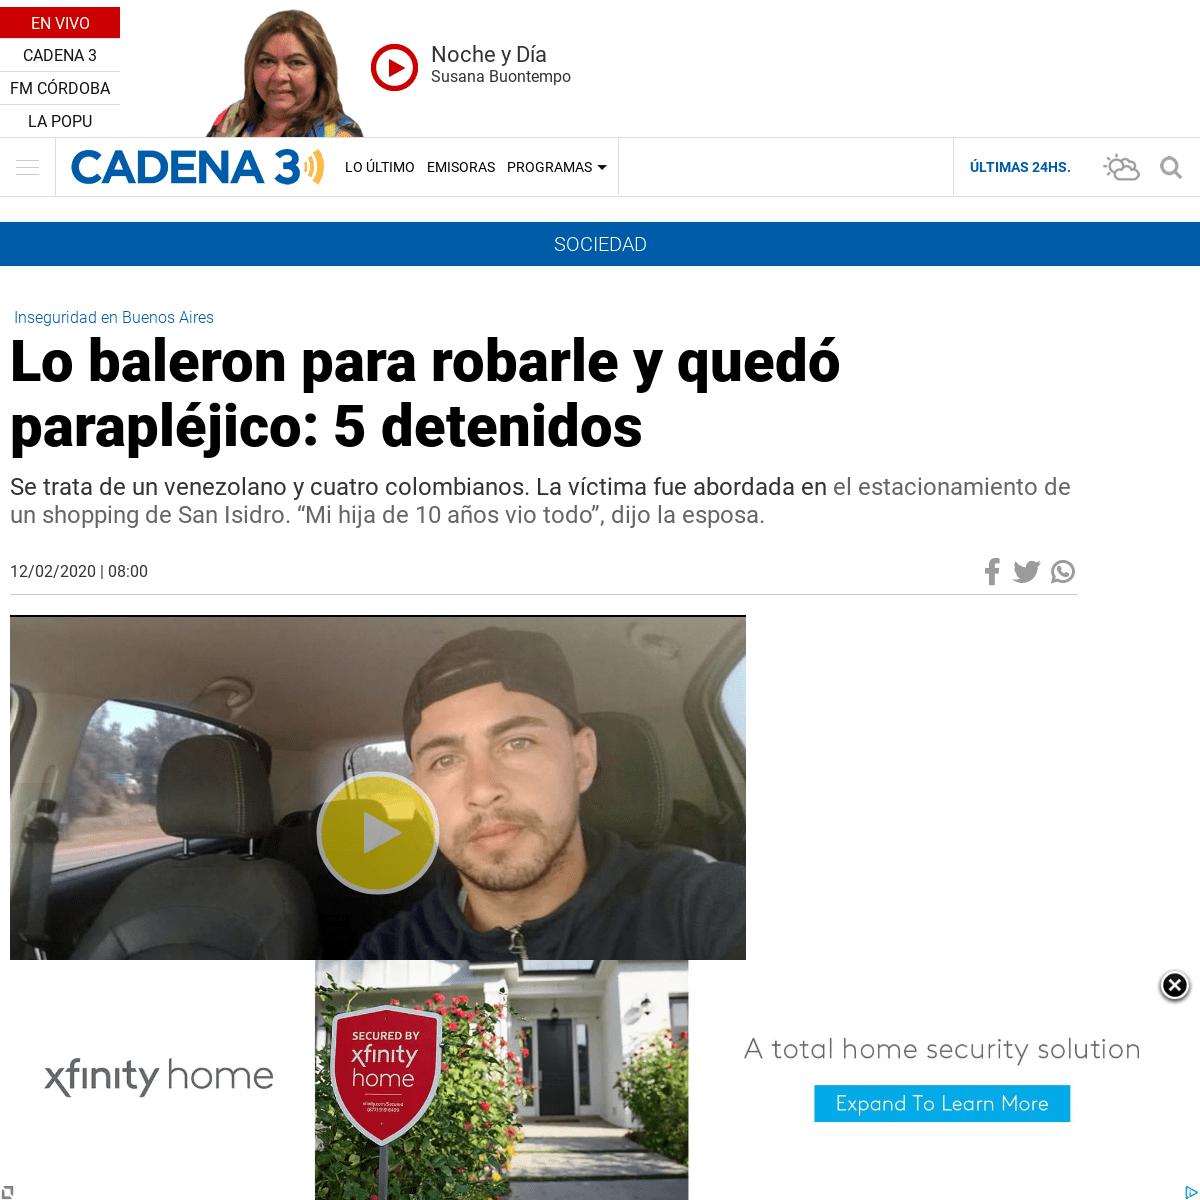 ArchiveBay.com - www.cadena3.com/noticia/sociedad/lo-baleron-para-robarle-y-quedo-paraplejico-5-detenidos_252768 - Lo baleron para robarle y quedó parapléjico- 5 detenidos - Noticias - Cadena 3 Argentina